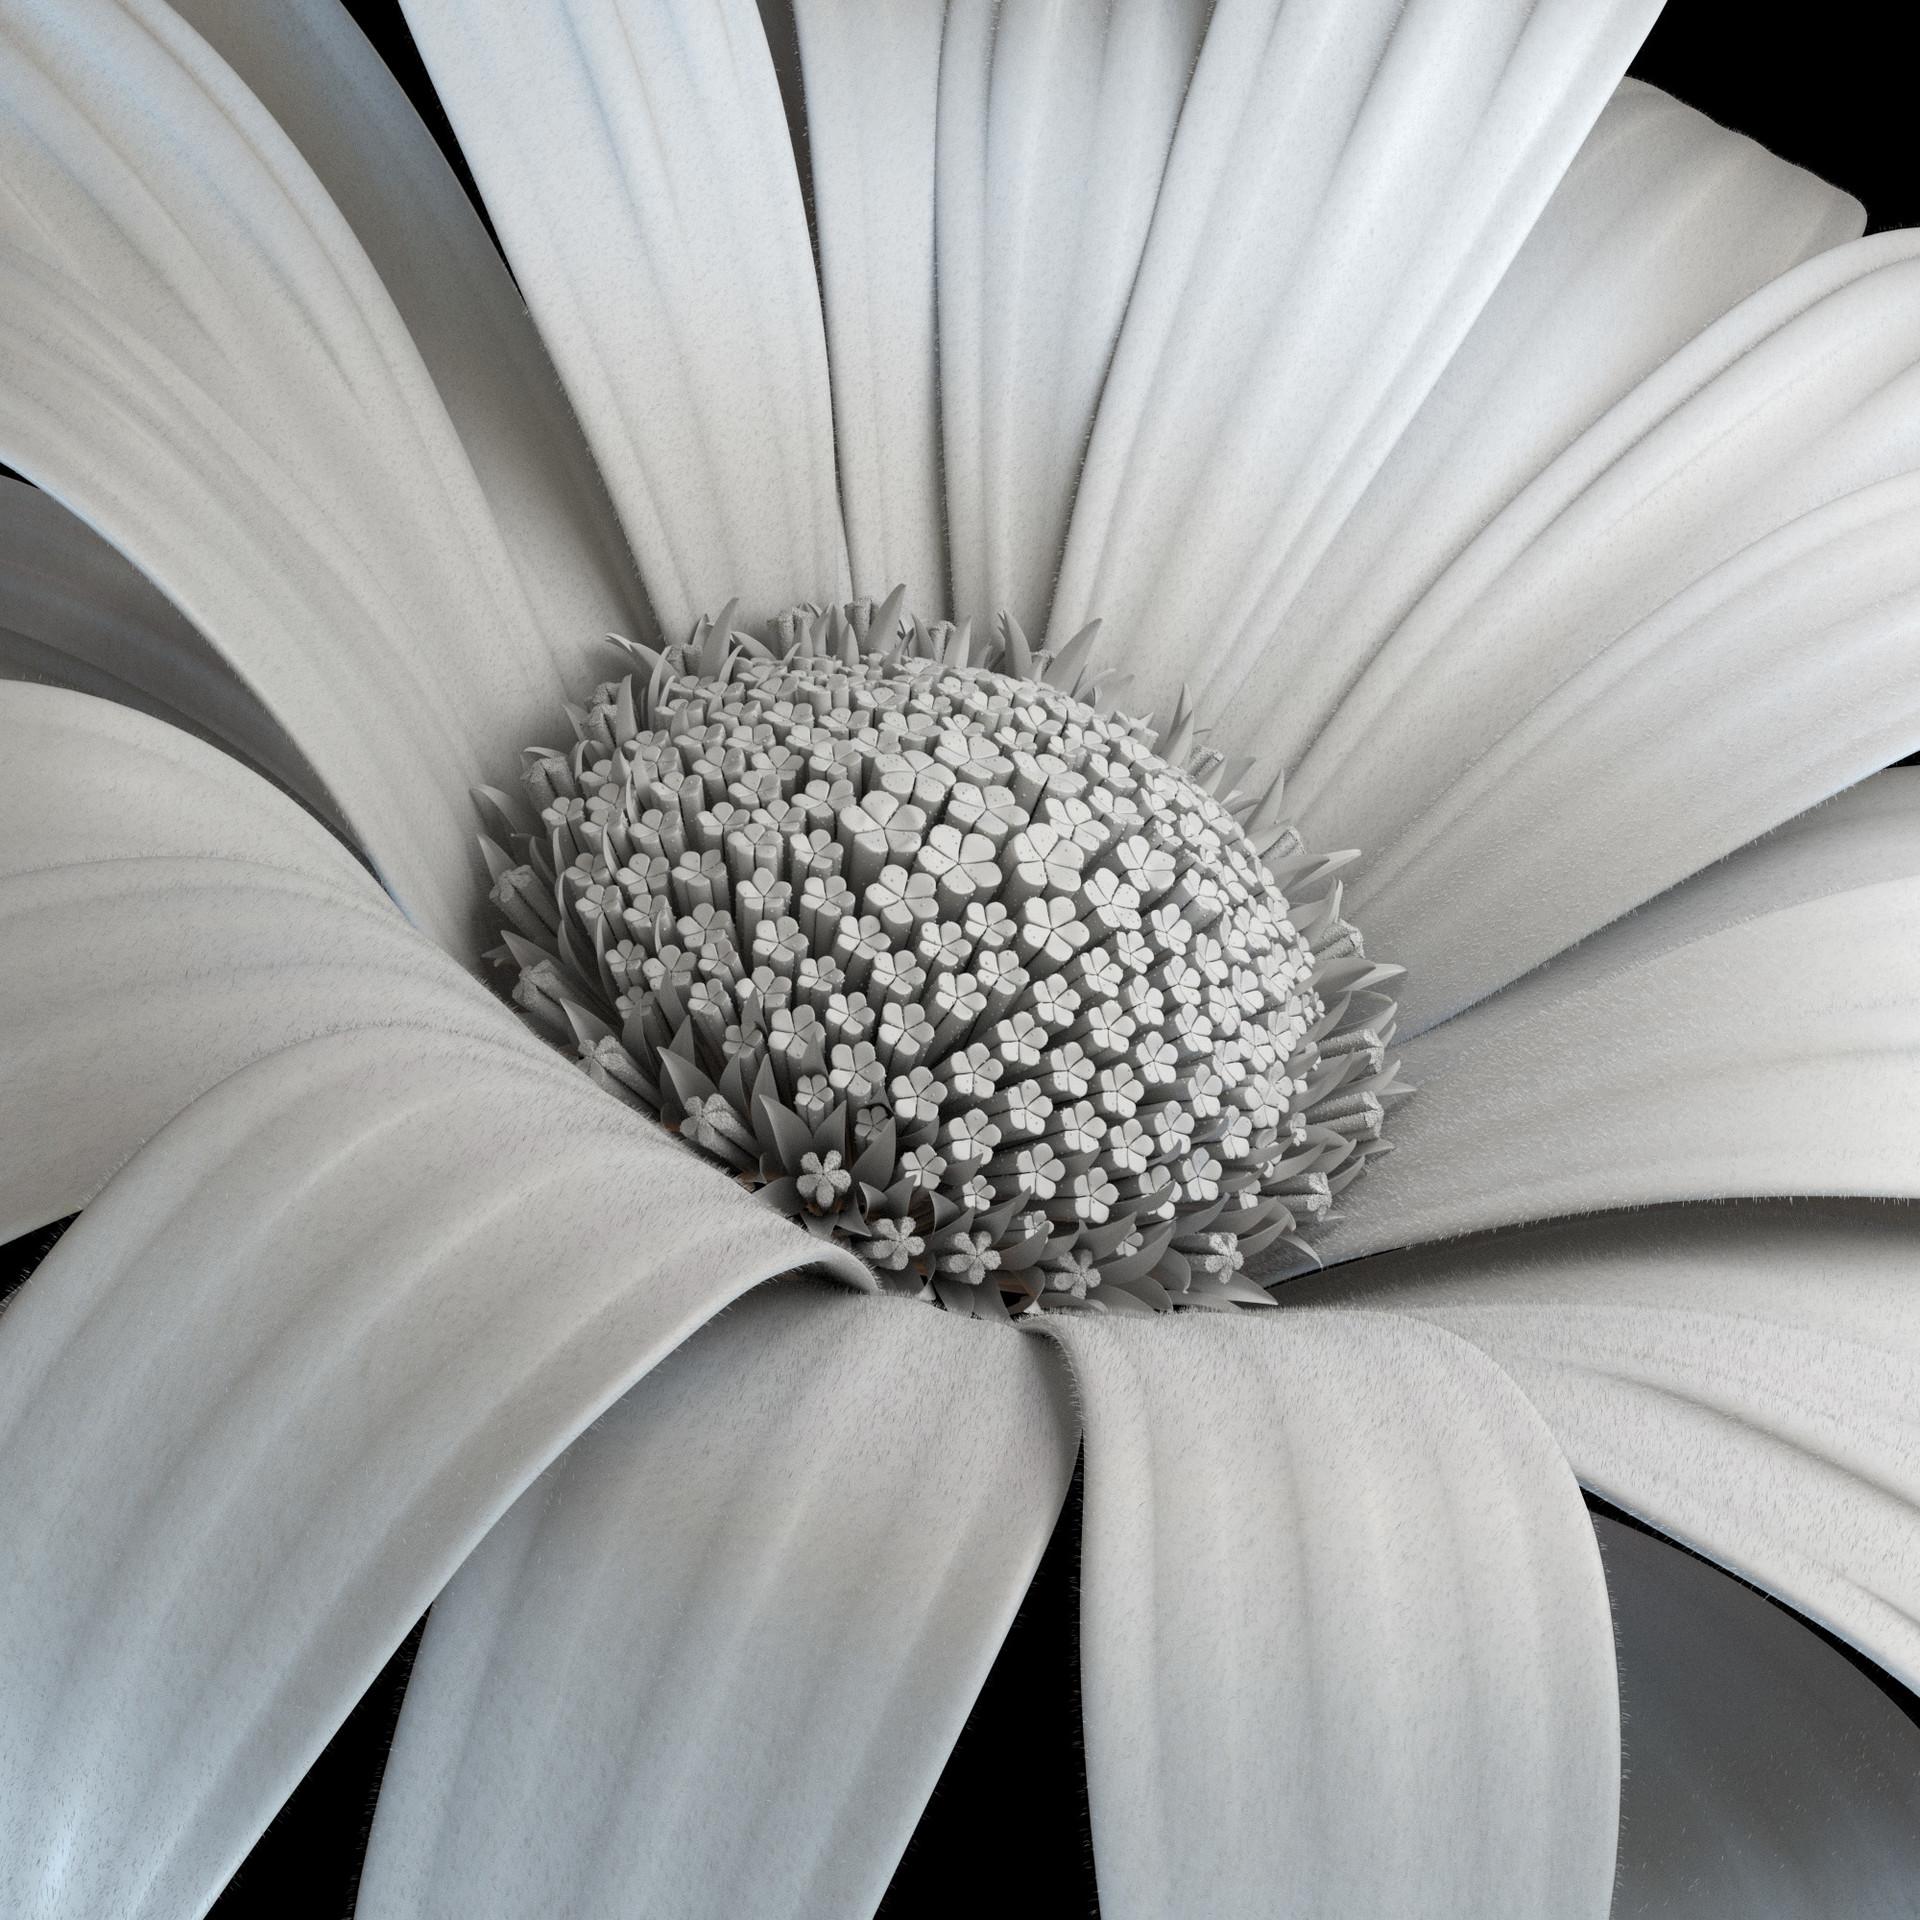 Tharso arrue flor clay